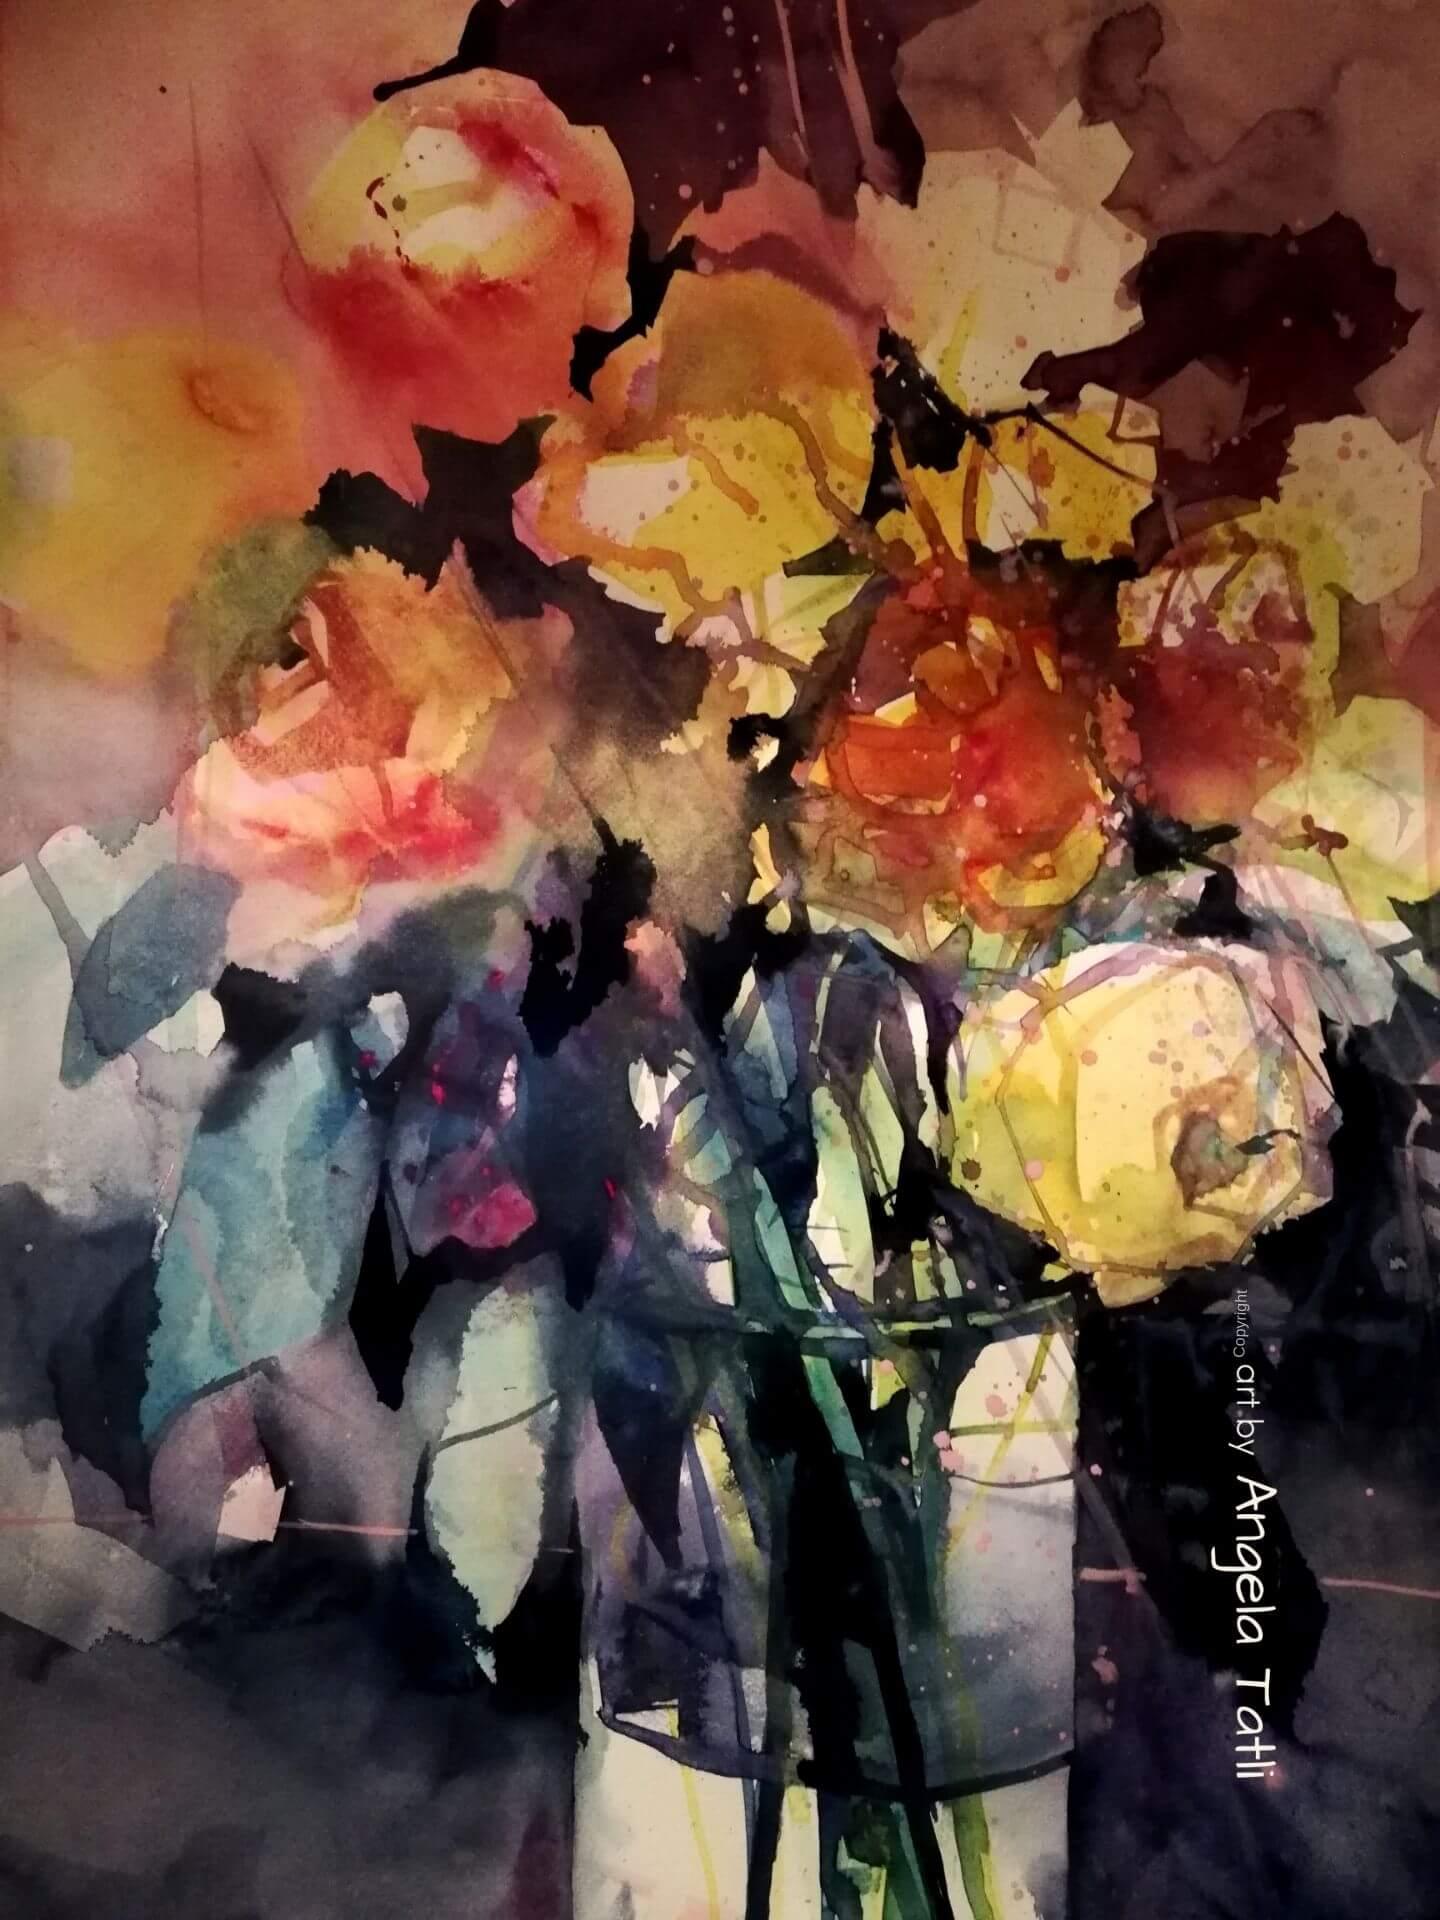 Rosen in Aquarell gemalt!